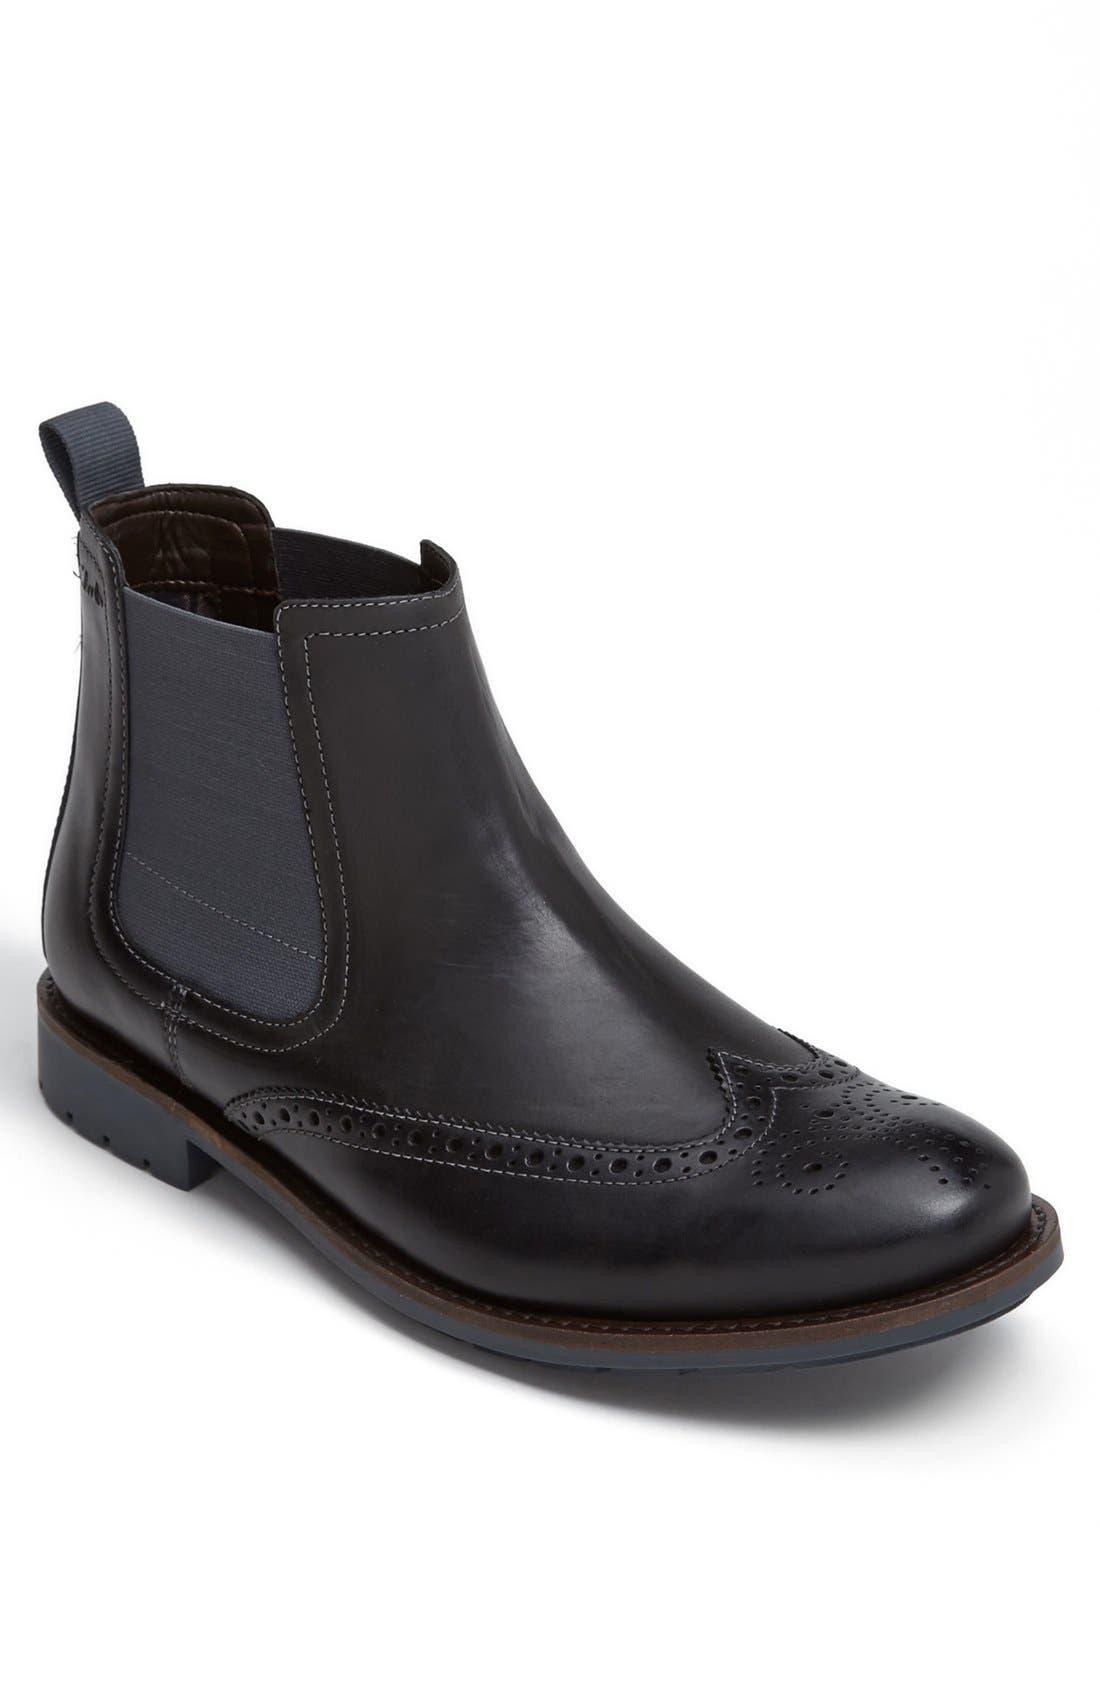 Main Image - Clarks® 'Garnet' Wingtip Chelsea Boot   (Men)